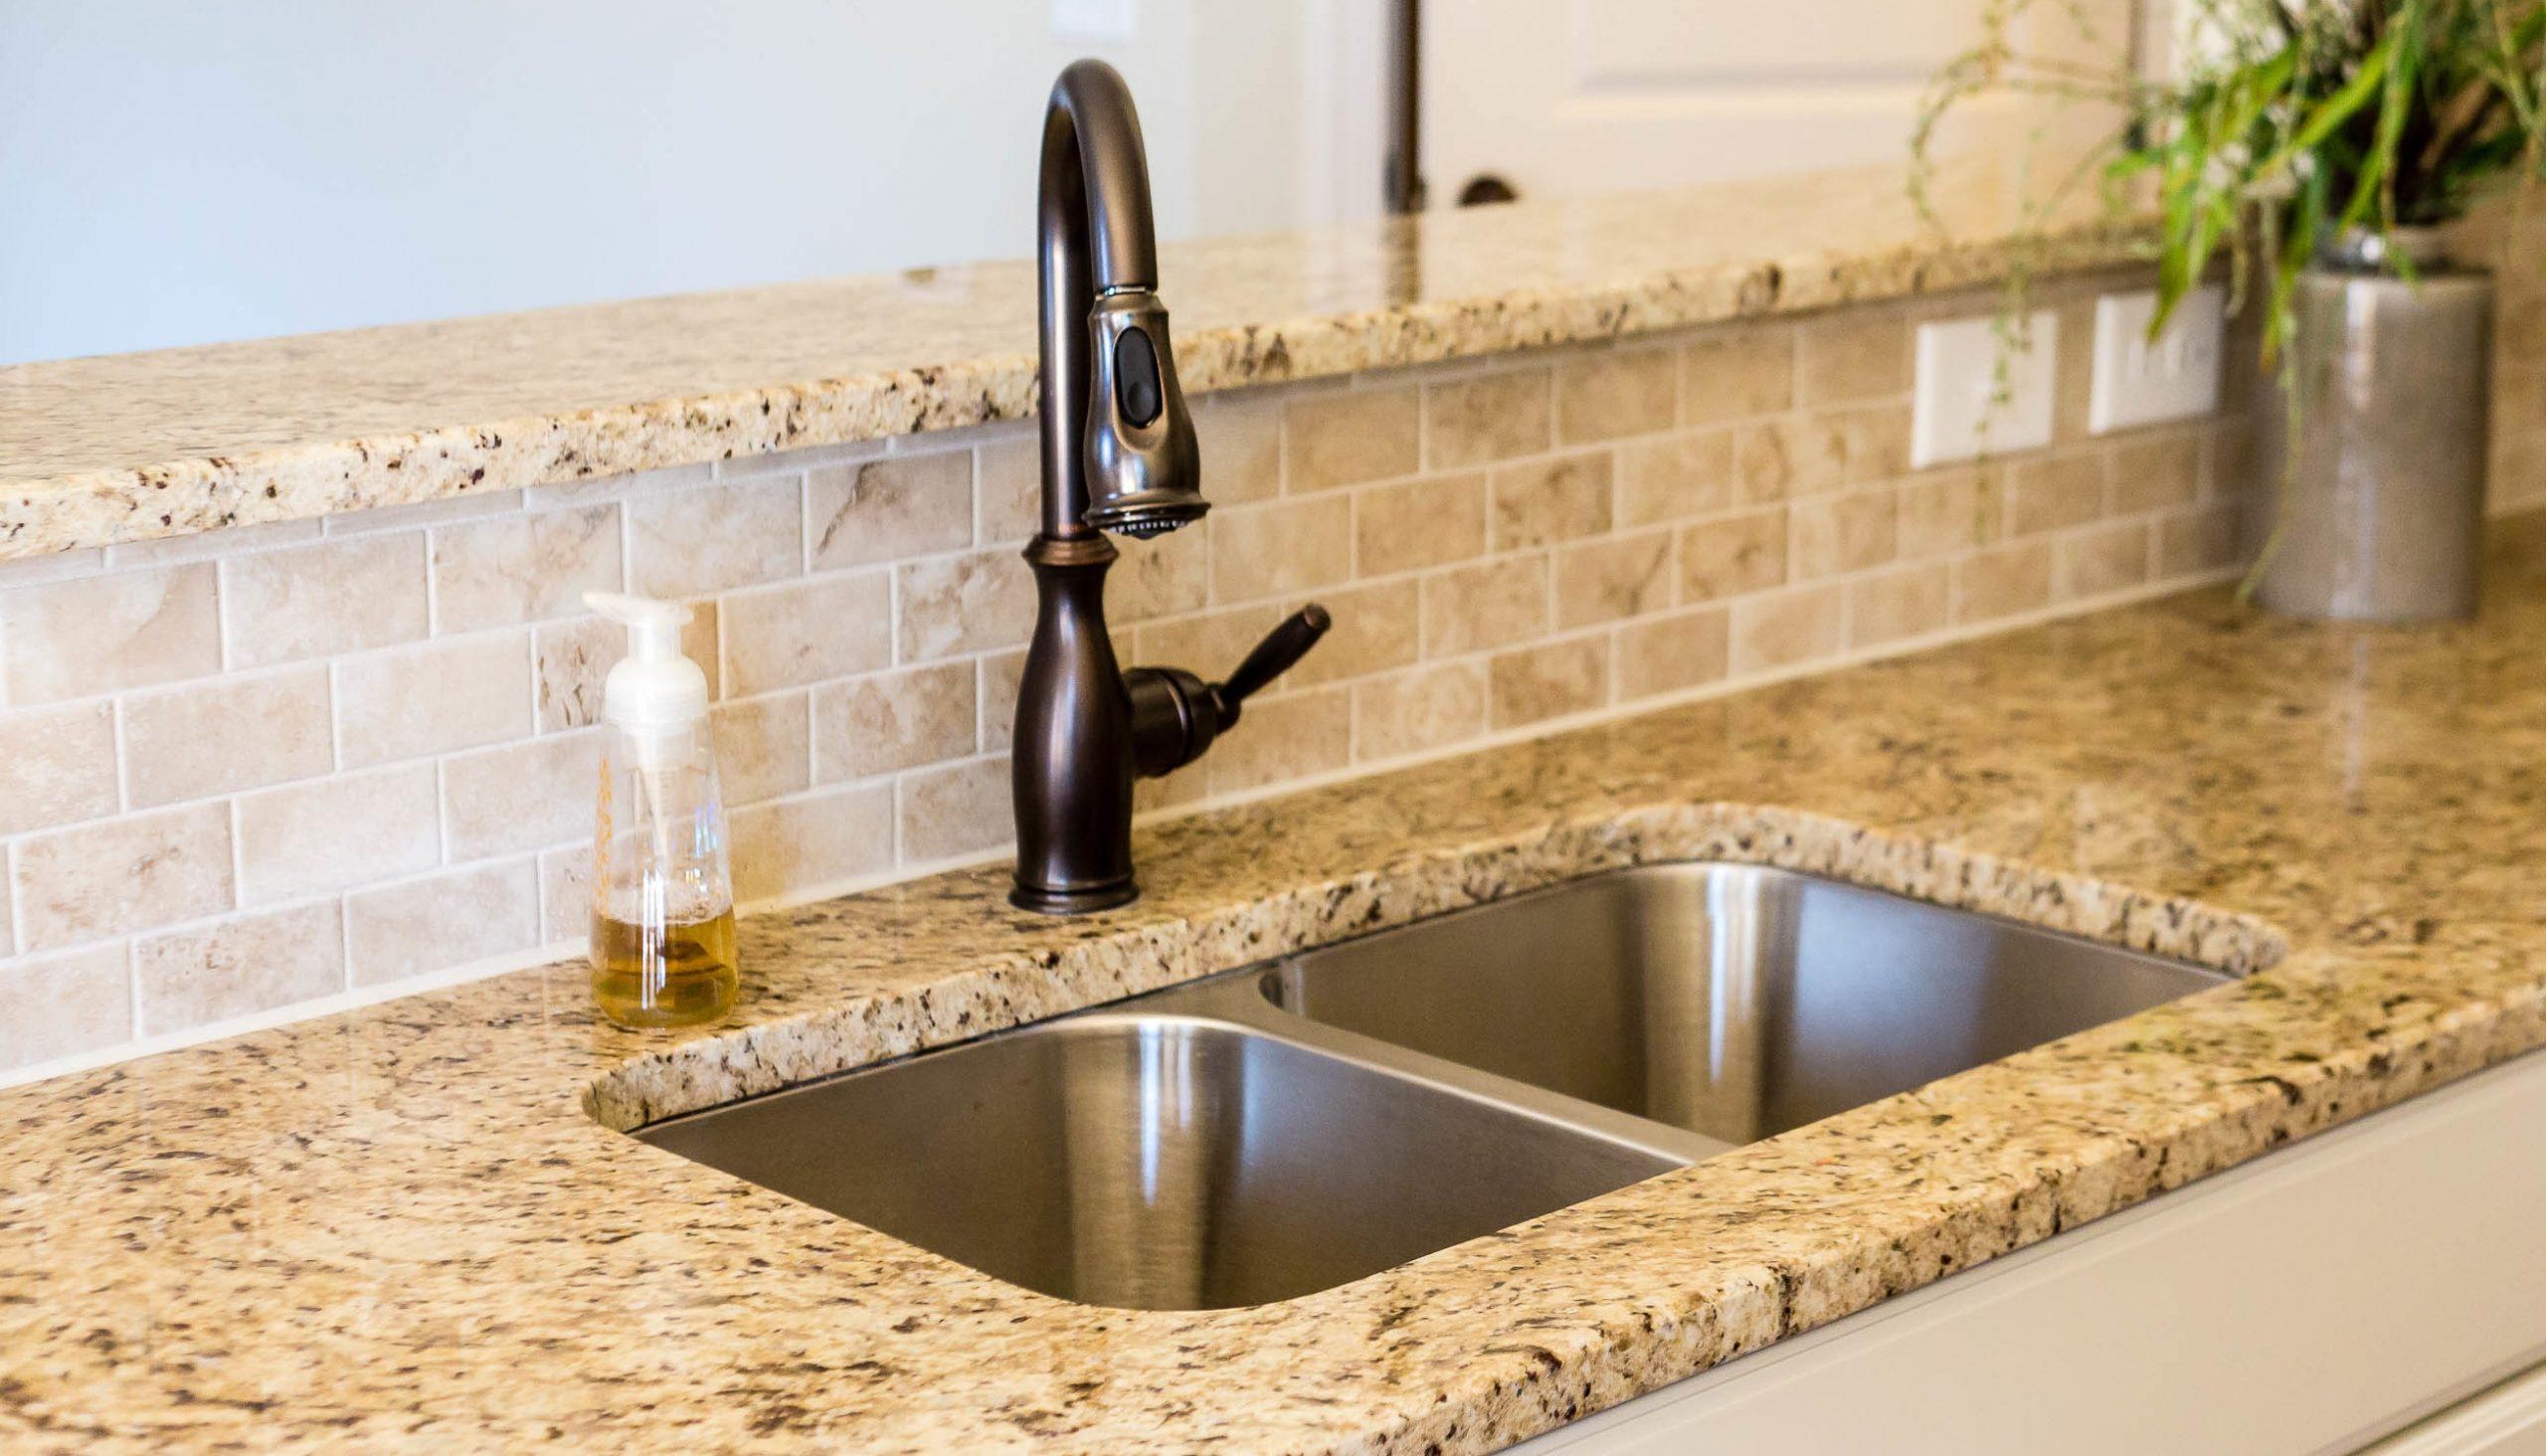 Miglior lavello cucina 2020: Guida all'acquisto